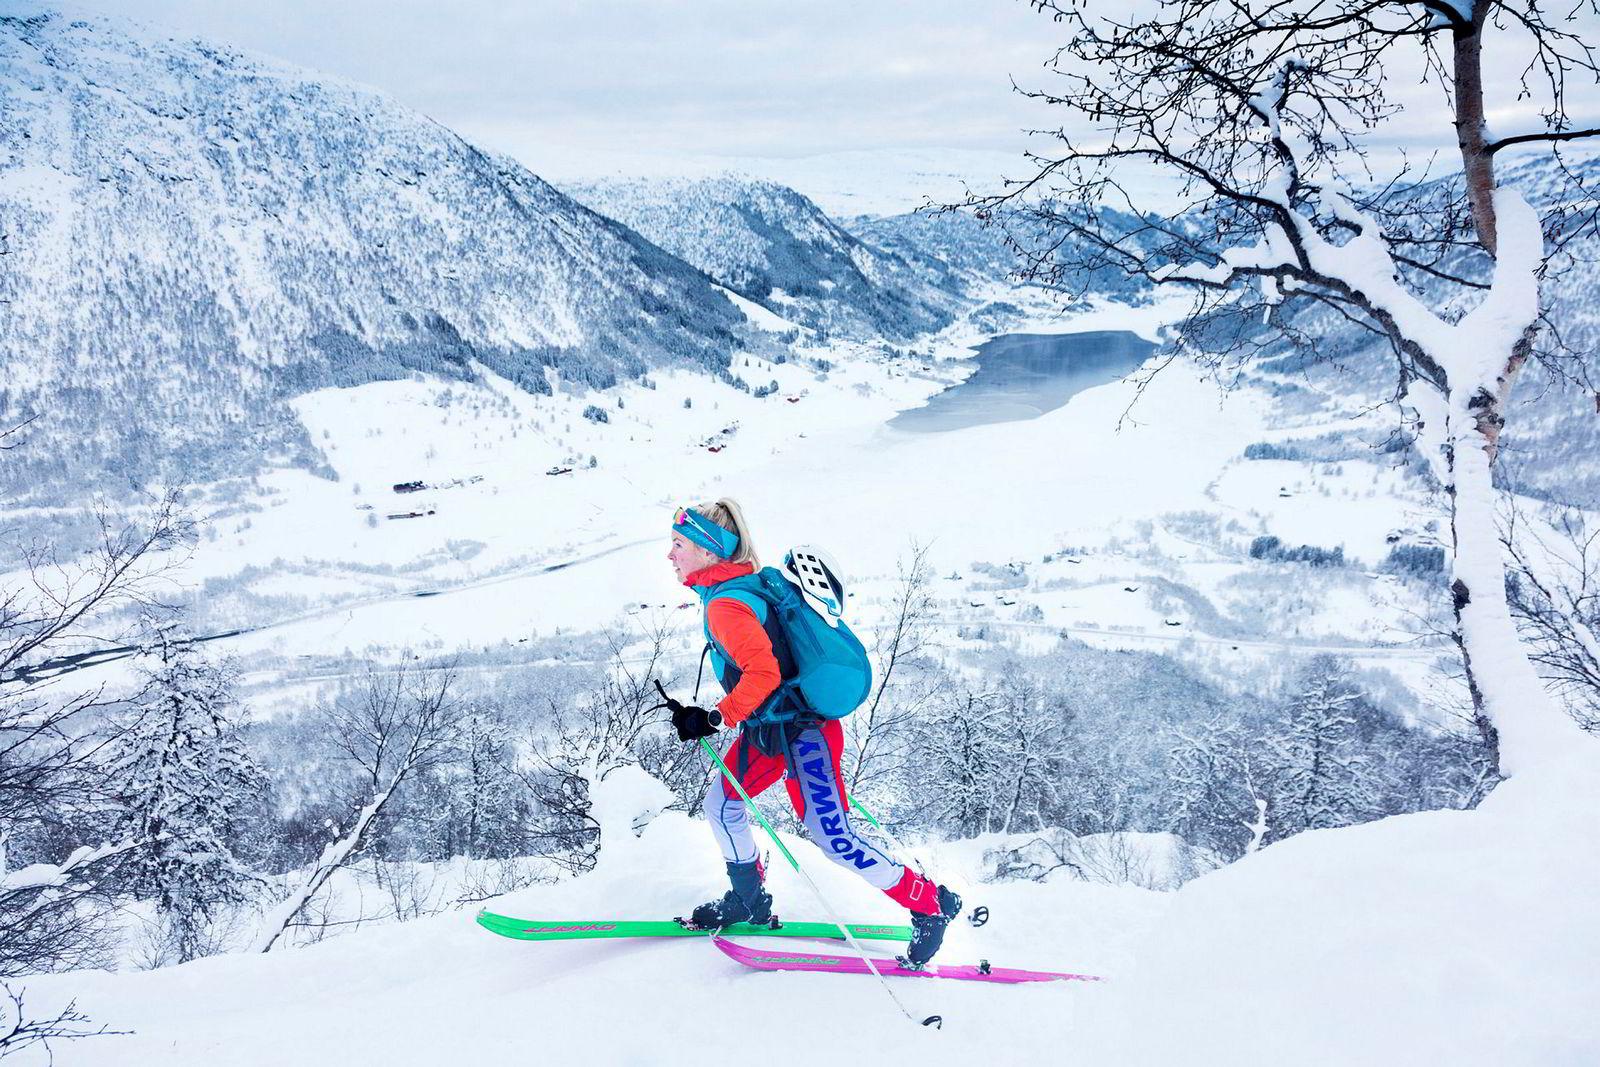 Malene B. Haukøy satser på randonnée og fjelløping og er blant de bedre i Europa. På vei opp på 1205 meter høye Togga på formiddagens økt tilbakelegges noen rolige høydemeter før hun skal på jobb. Deltidslivet er helt nødvendig for å finansiere reisingen og satsingen.